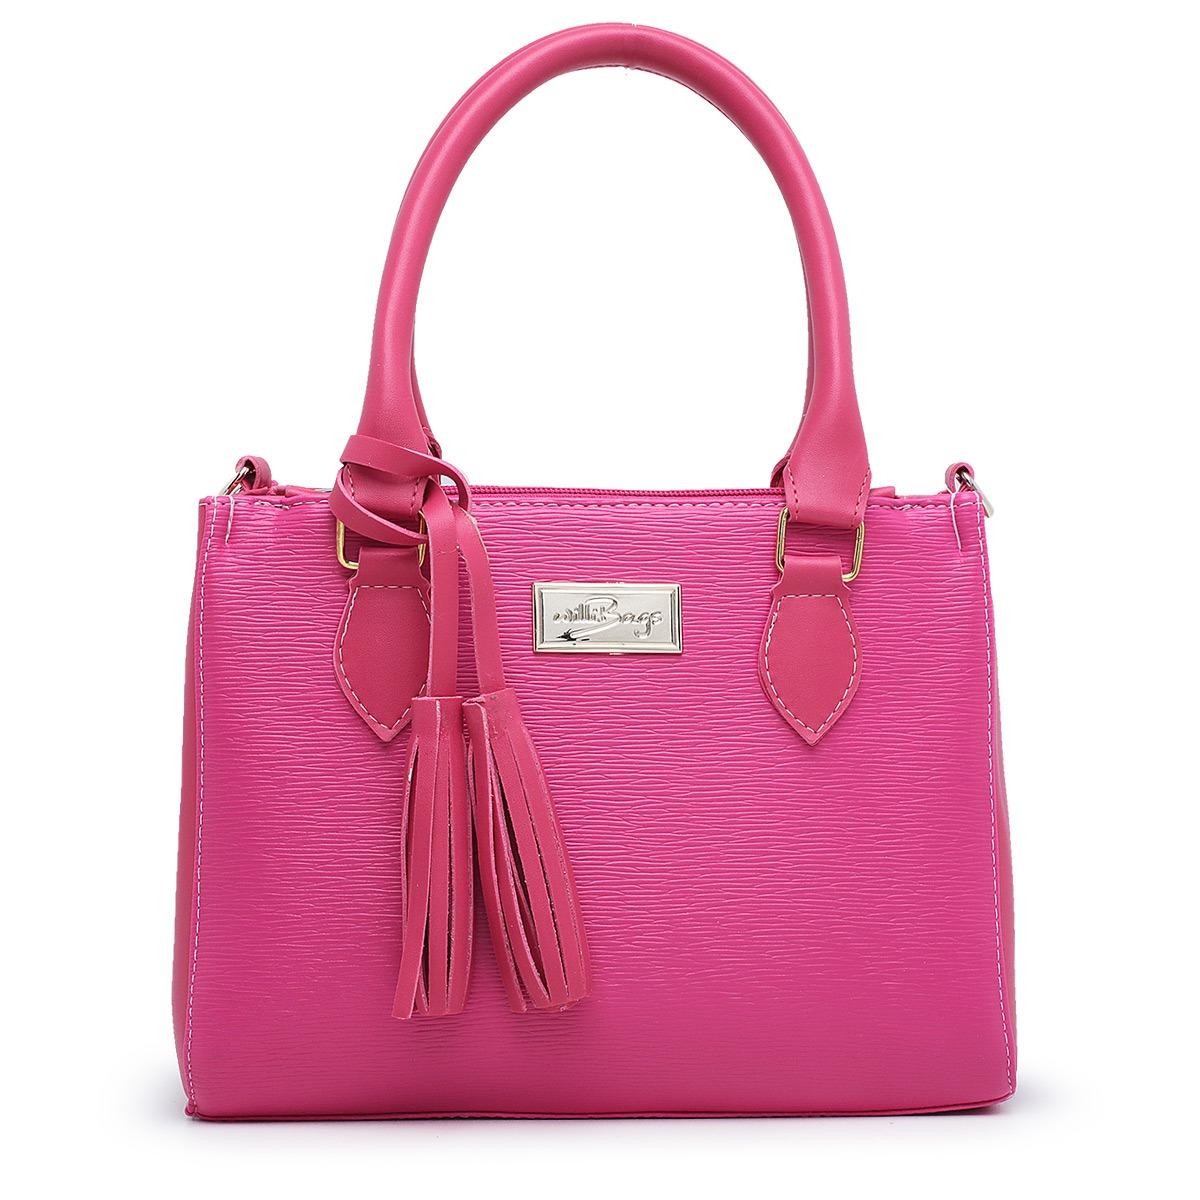 Bolsa Feminina Willibags com Alça Transversal Pink